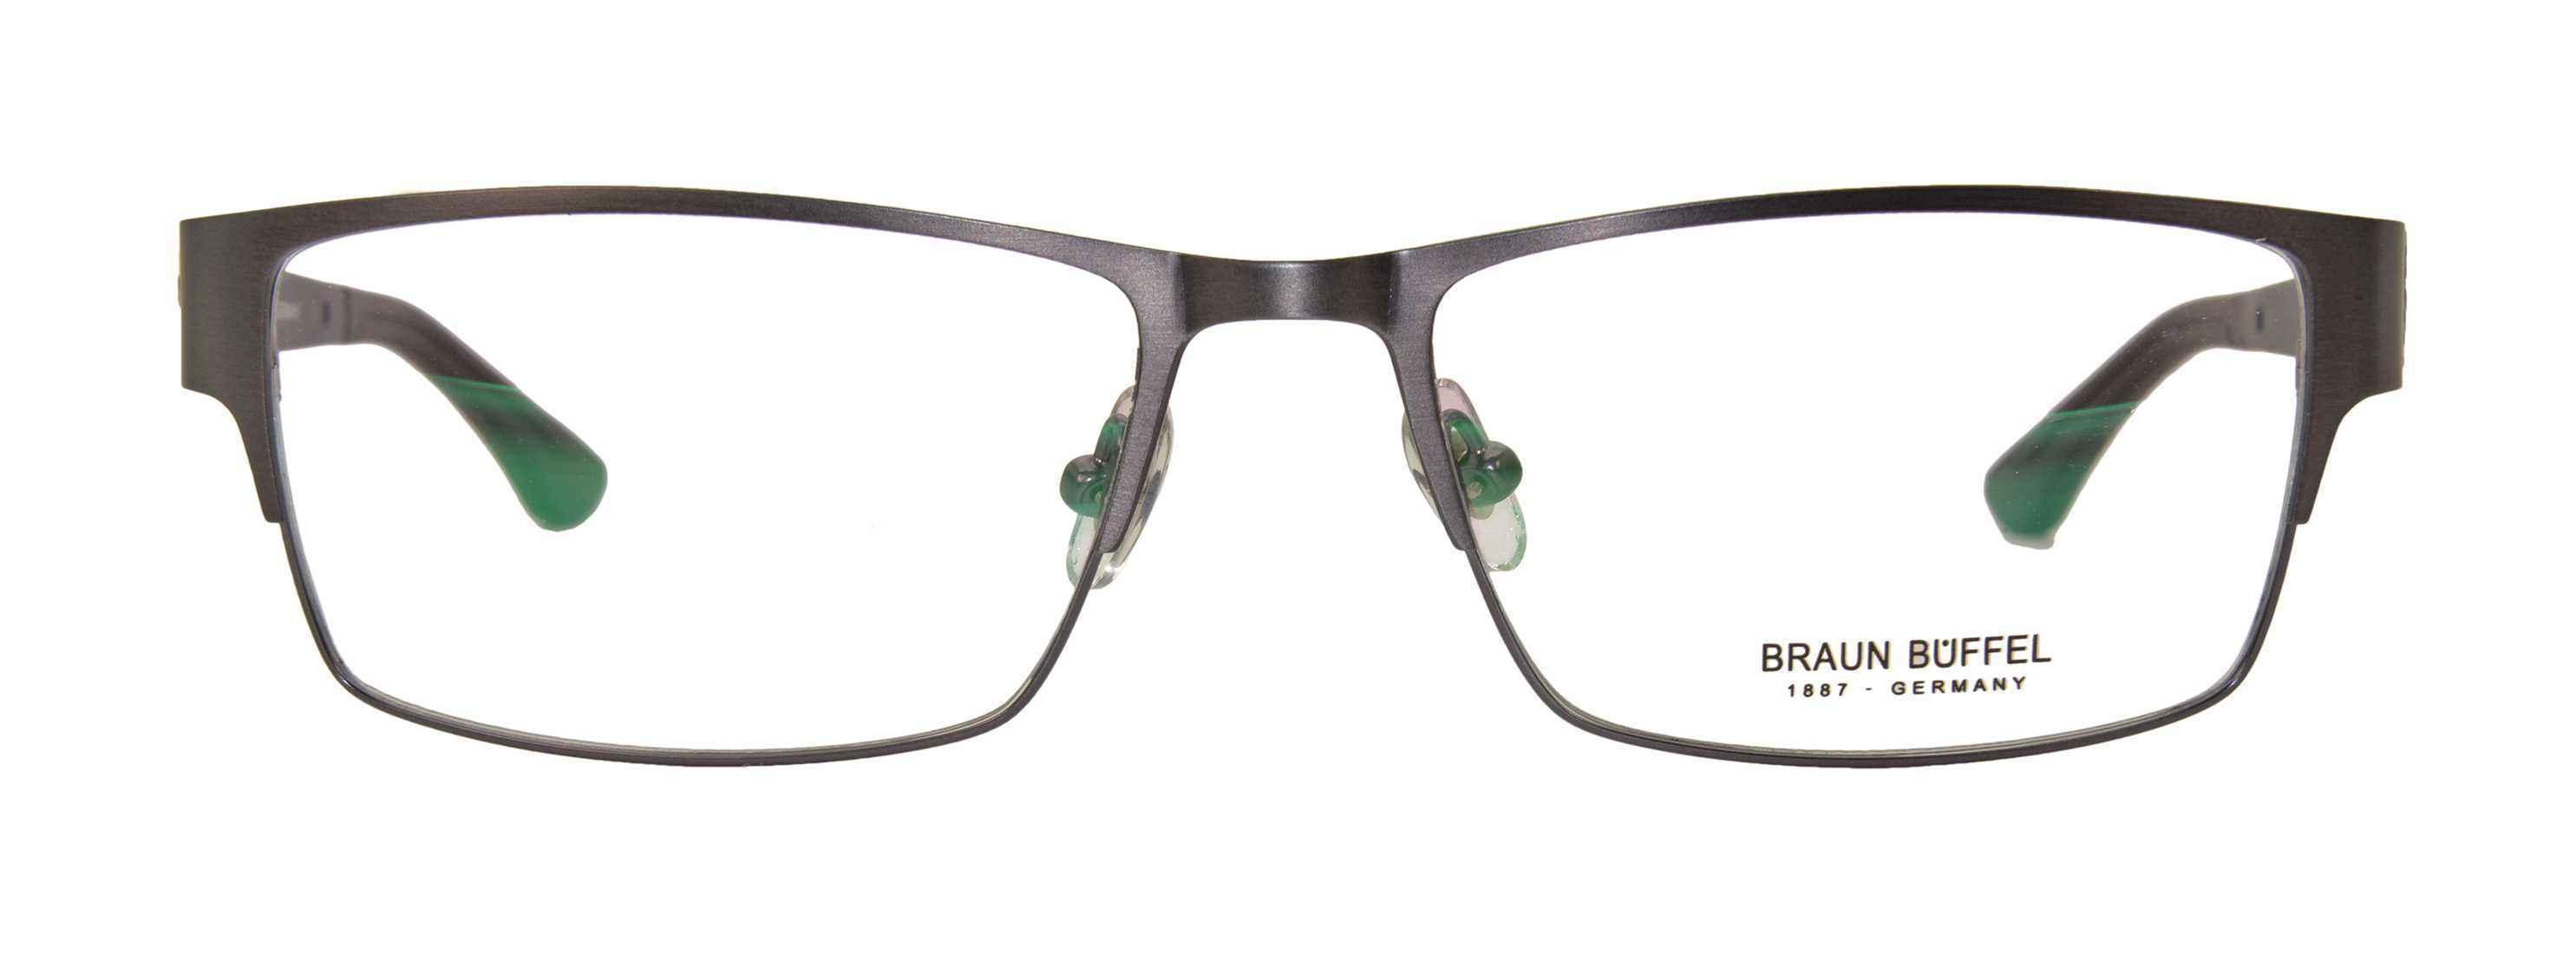 Braun Buffel spectacles 15205 302 02 2970x1100